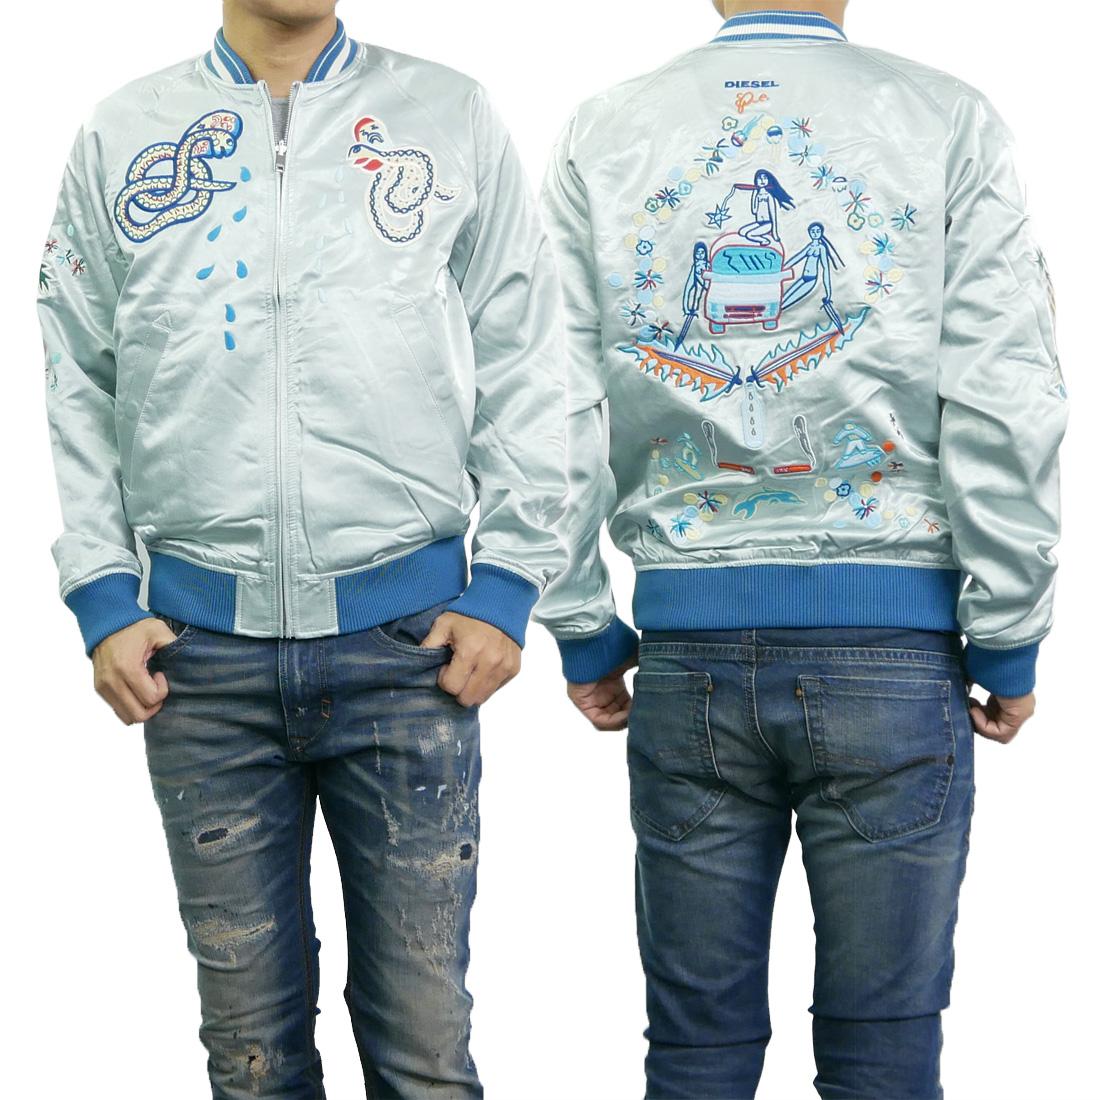 DIESEL ディーゼル メンズリバーシブルボンバージャケット J-ROCKET / 00SZDF 0EAPS ブルー 【あす楽対応】